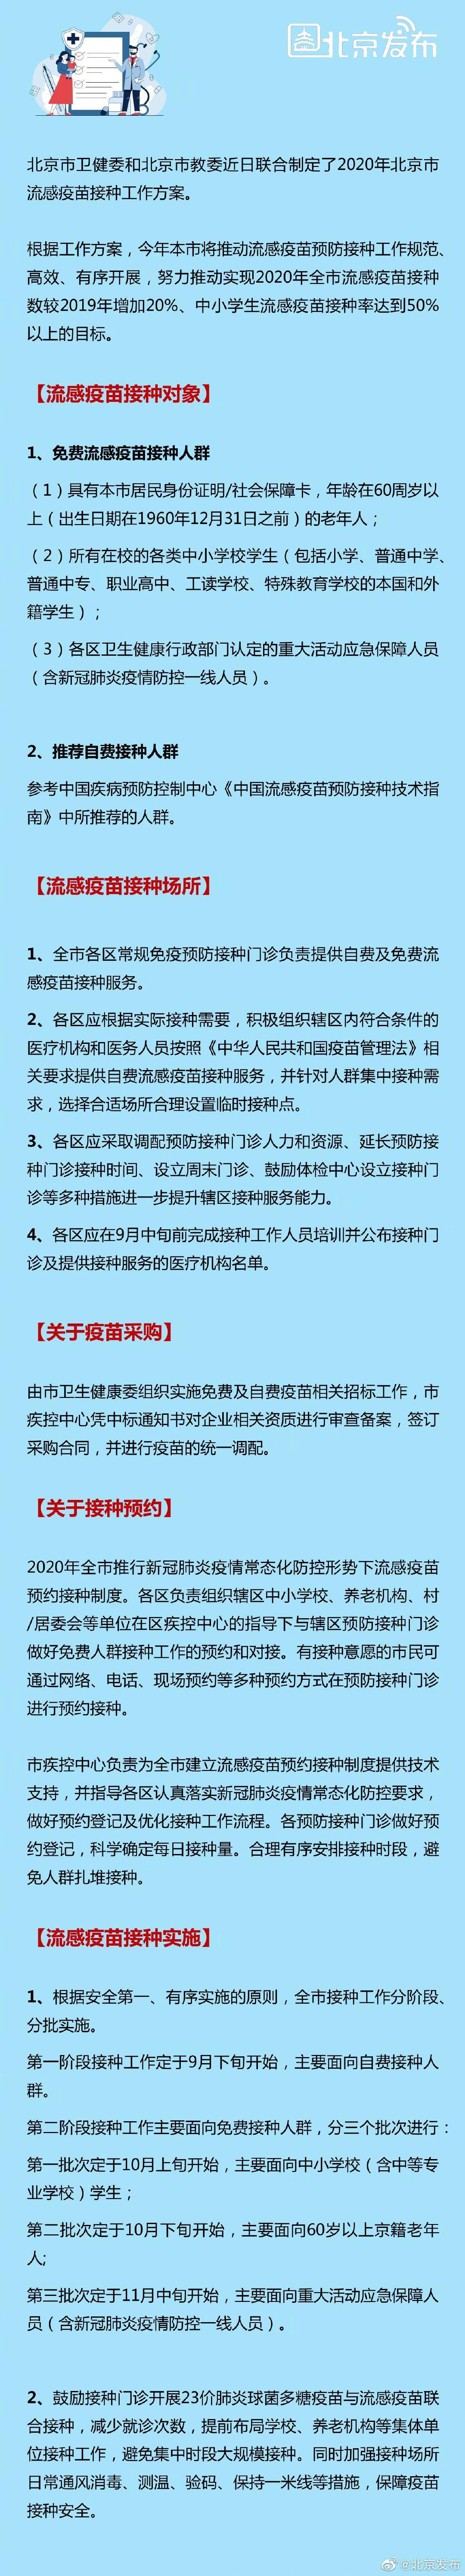 北京流感疫苗接种工作方案:户籍老人、中小学生免费图片